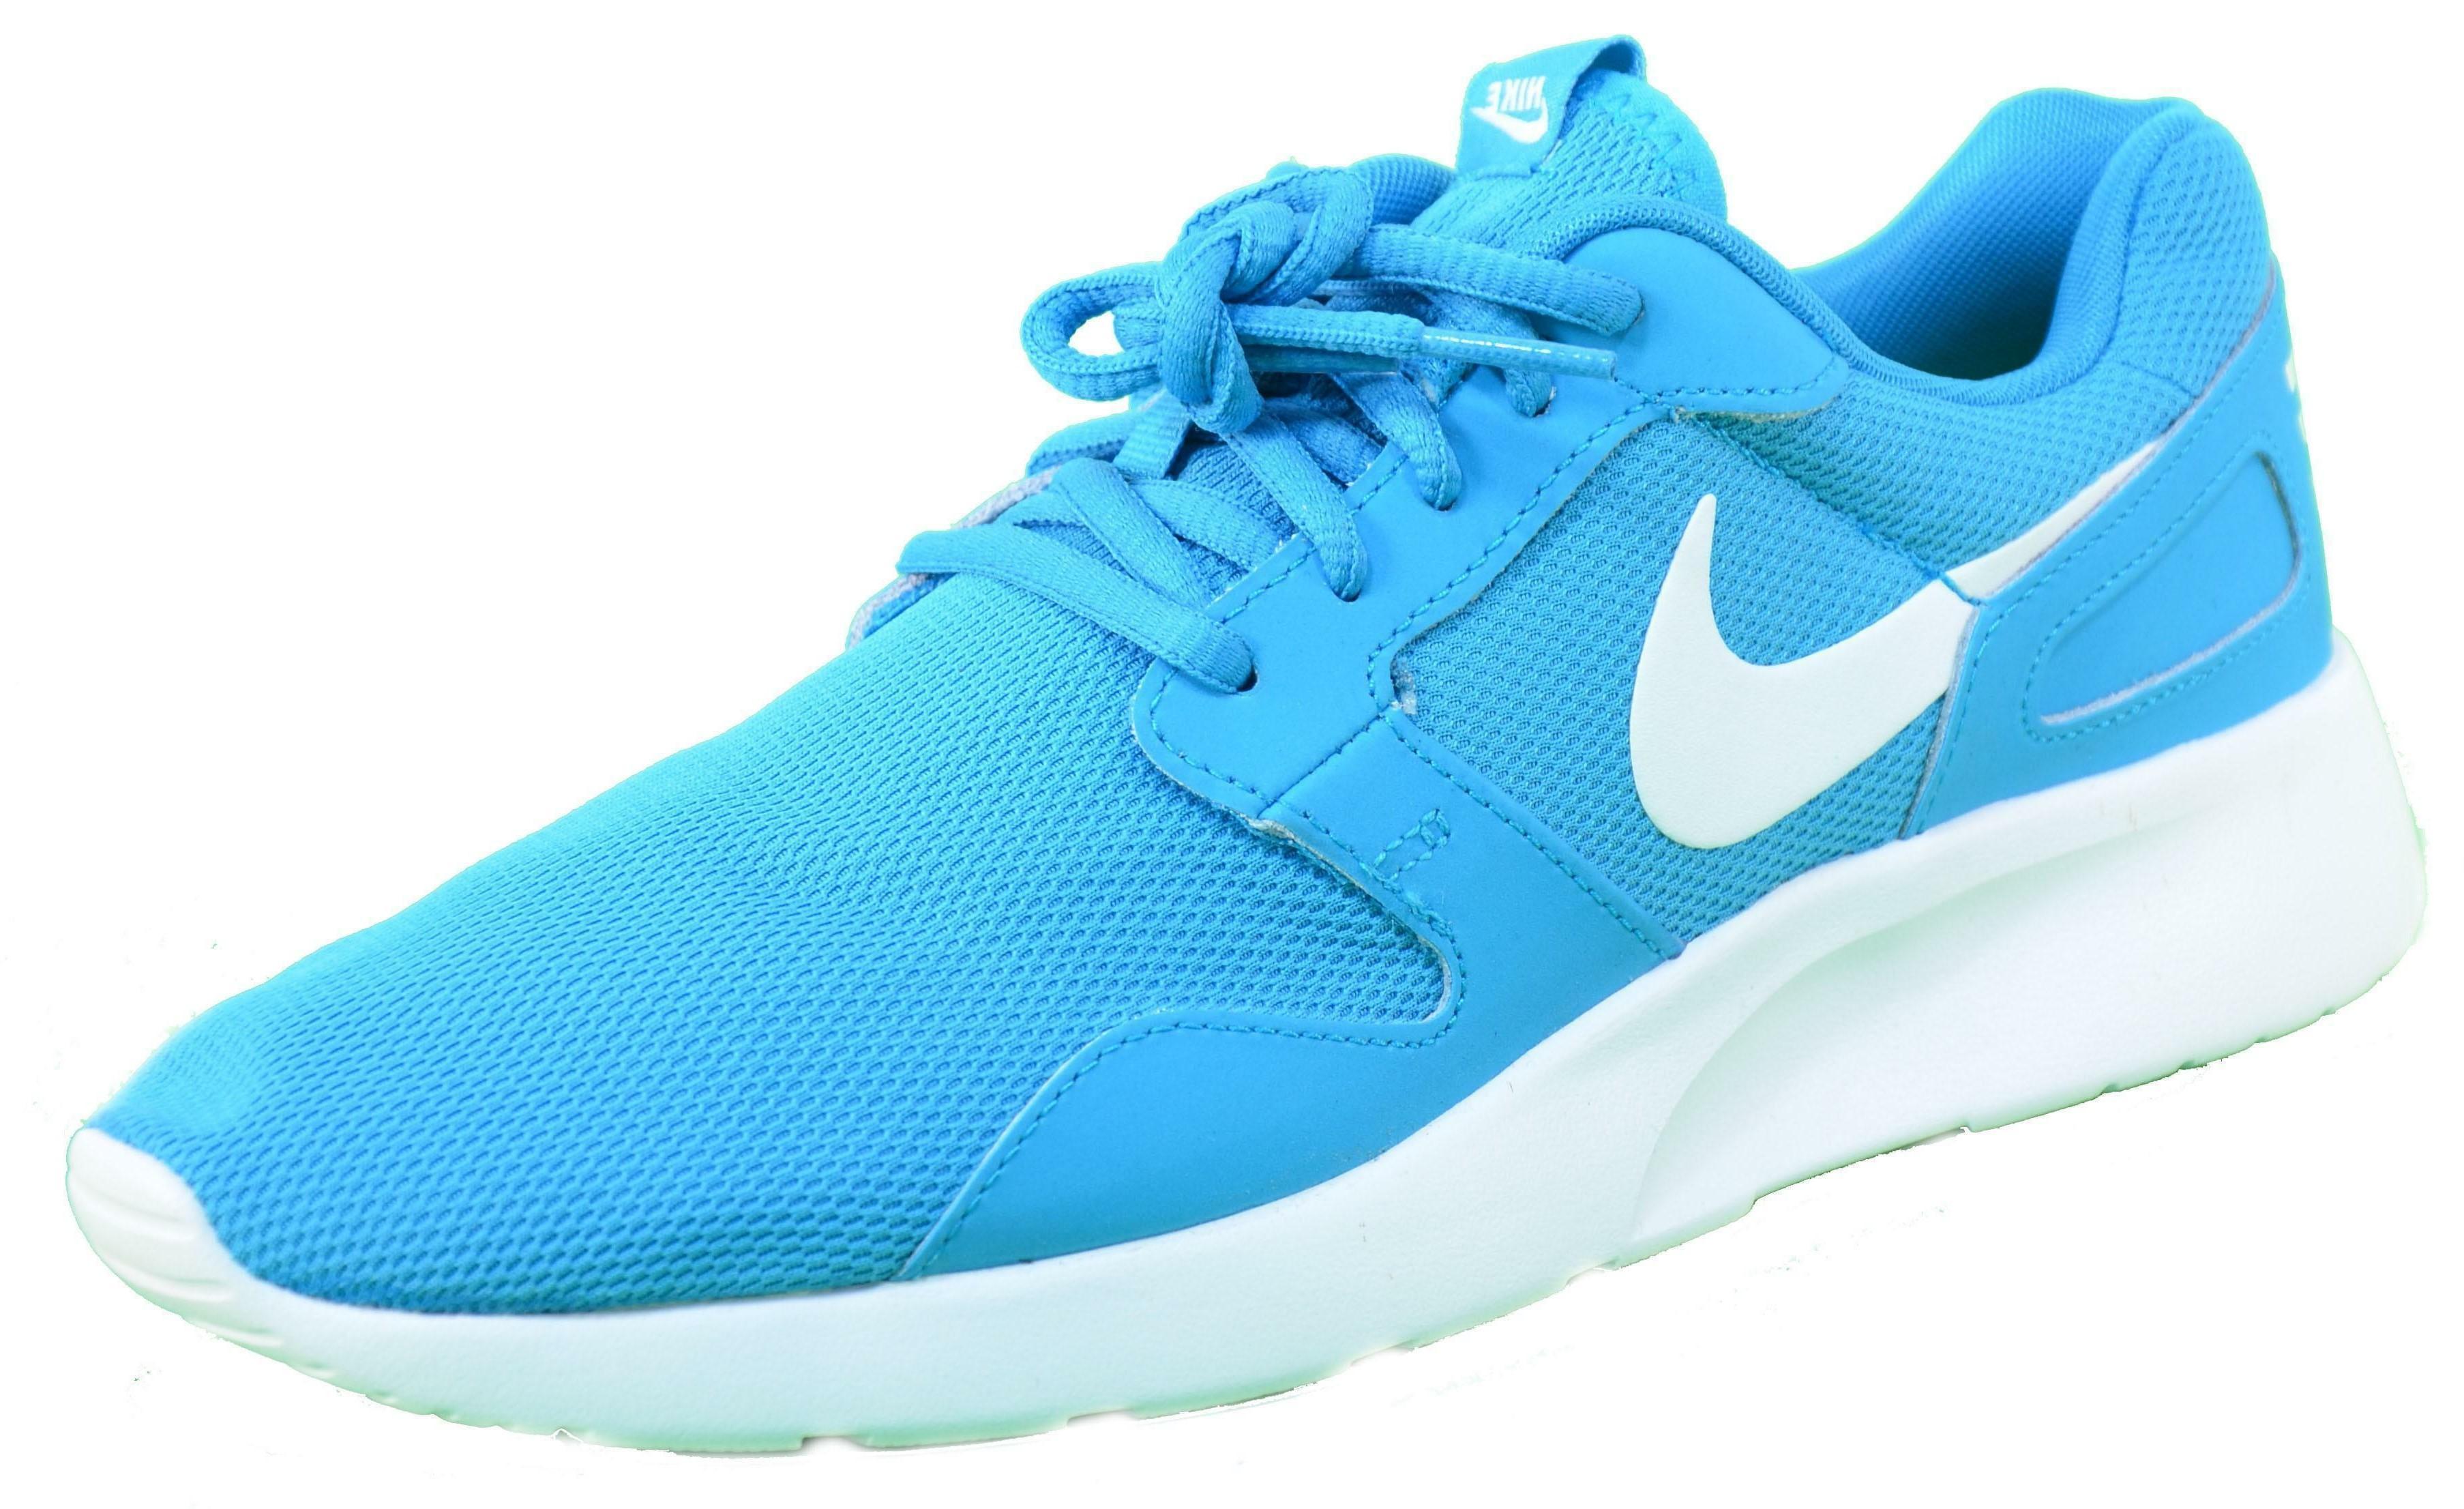 Uomo Tela Celesti Nike Kaishi 654473 Scarpe XiwPkulOZT